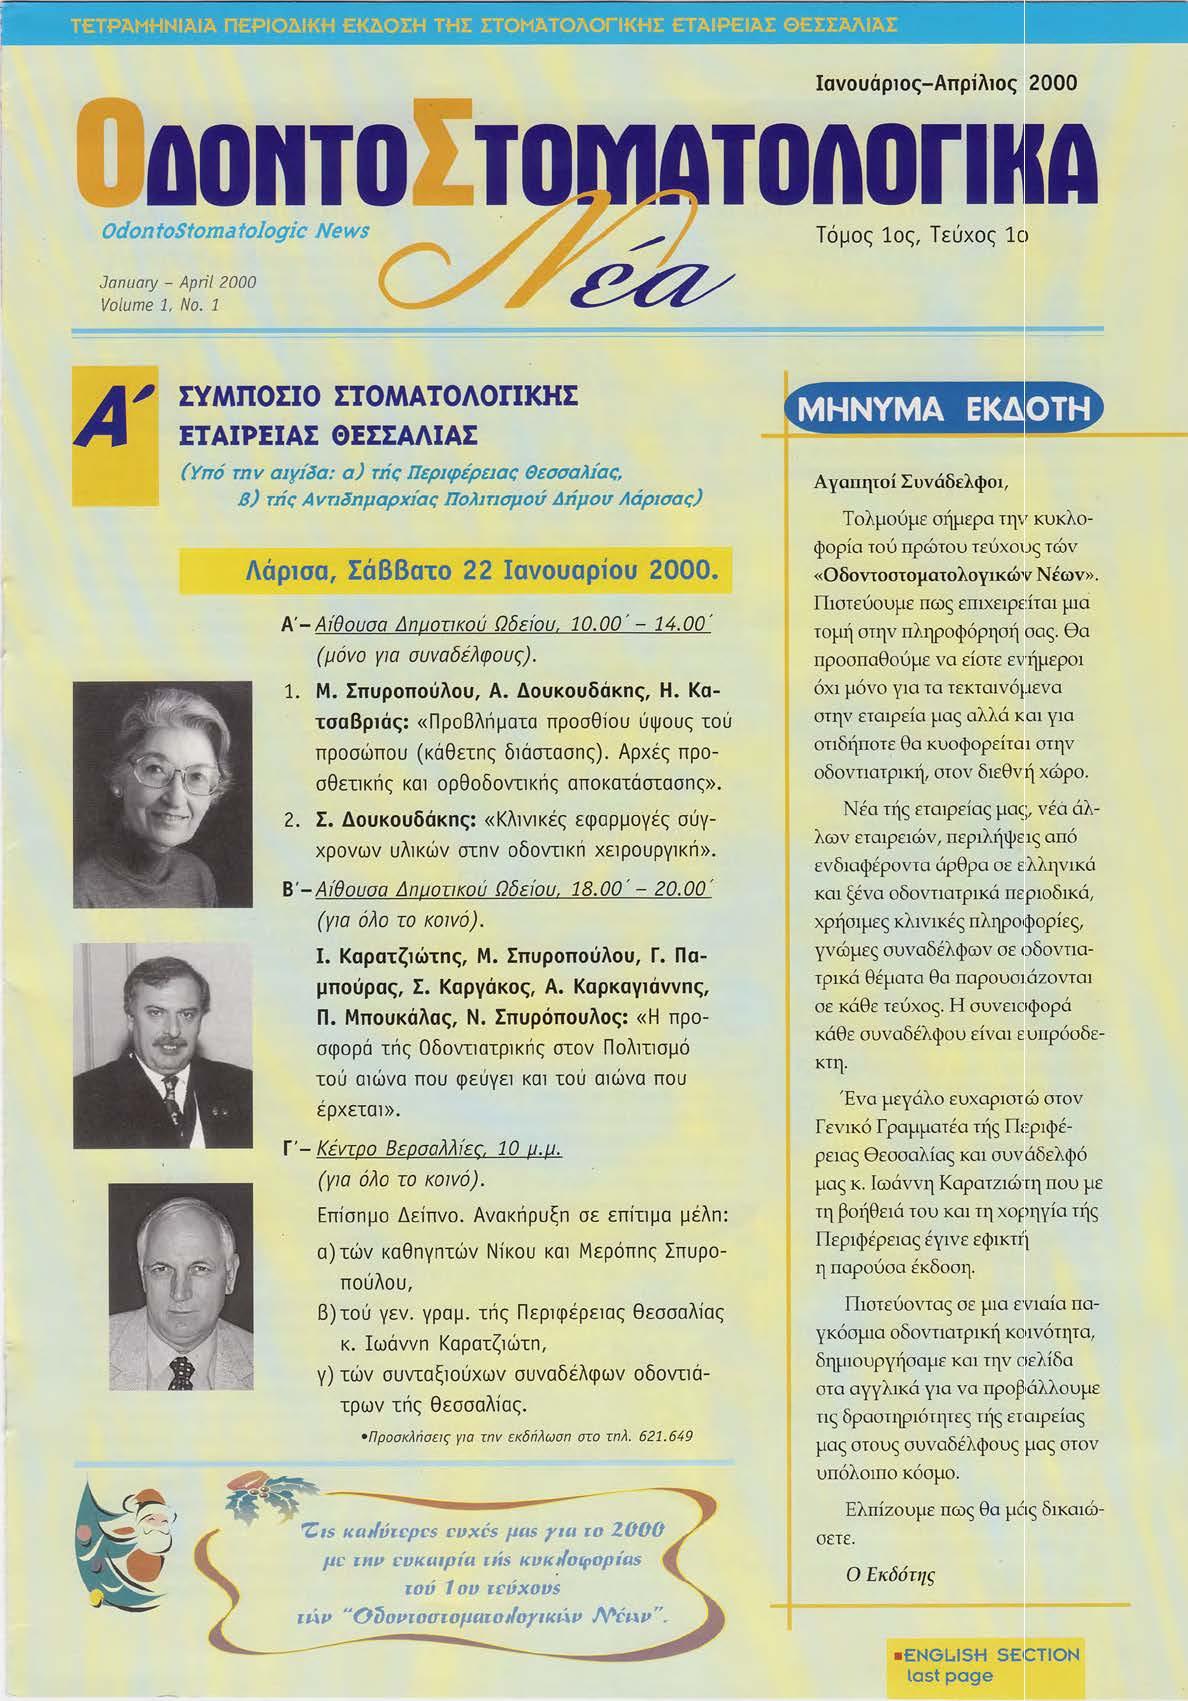 2000 - Τεύχος 1ο